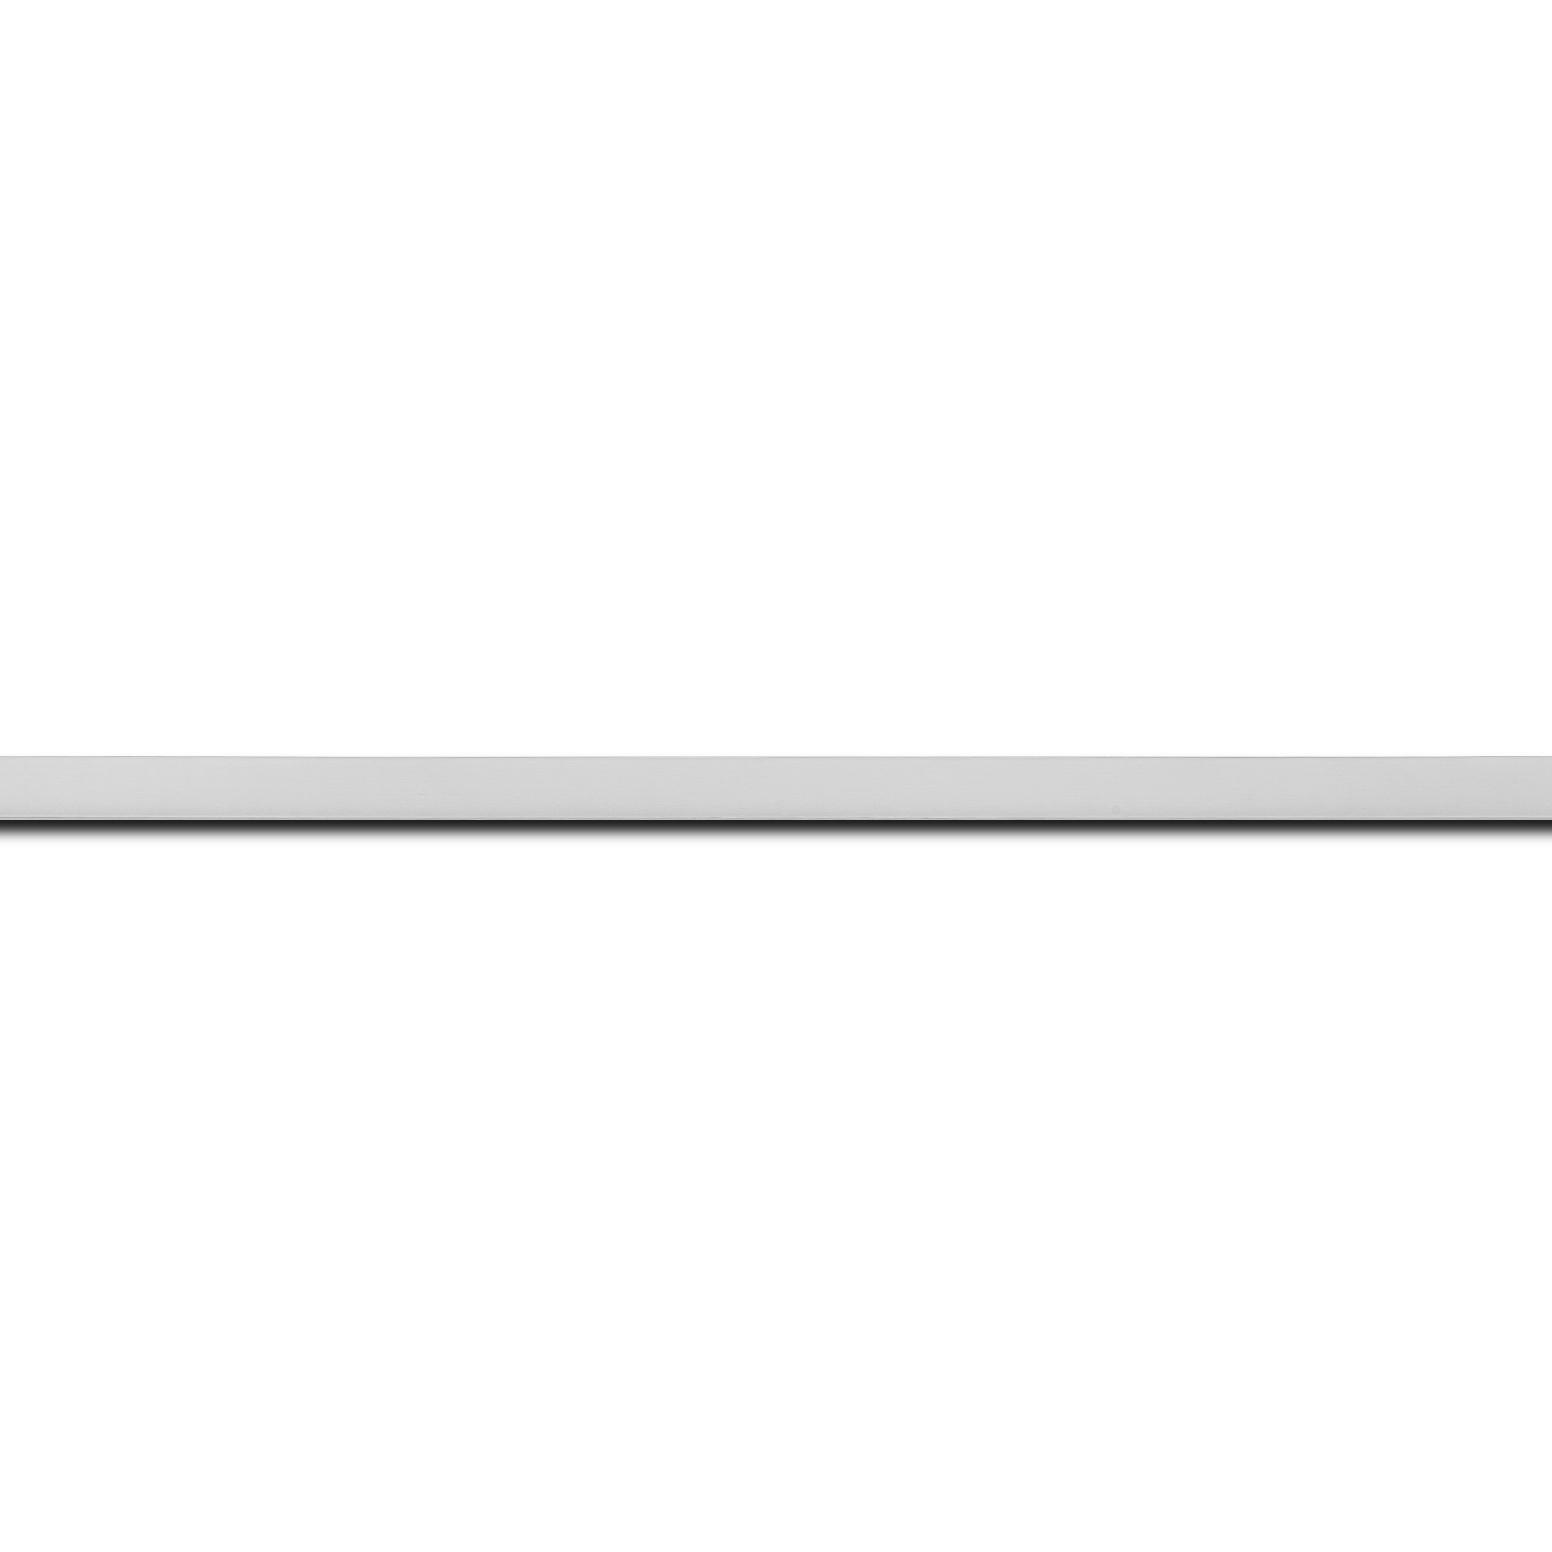 Baguette longueur 1.40m bois recouvert aluminium profil plat largeur 2.5cm argent brossé bord droit